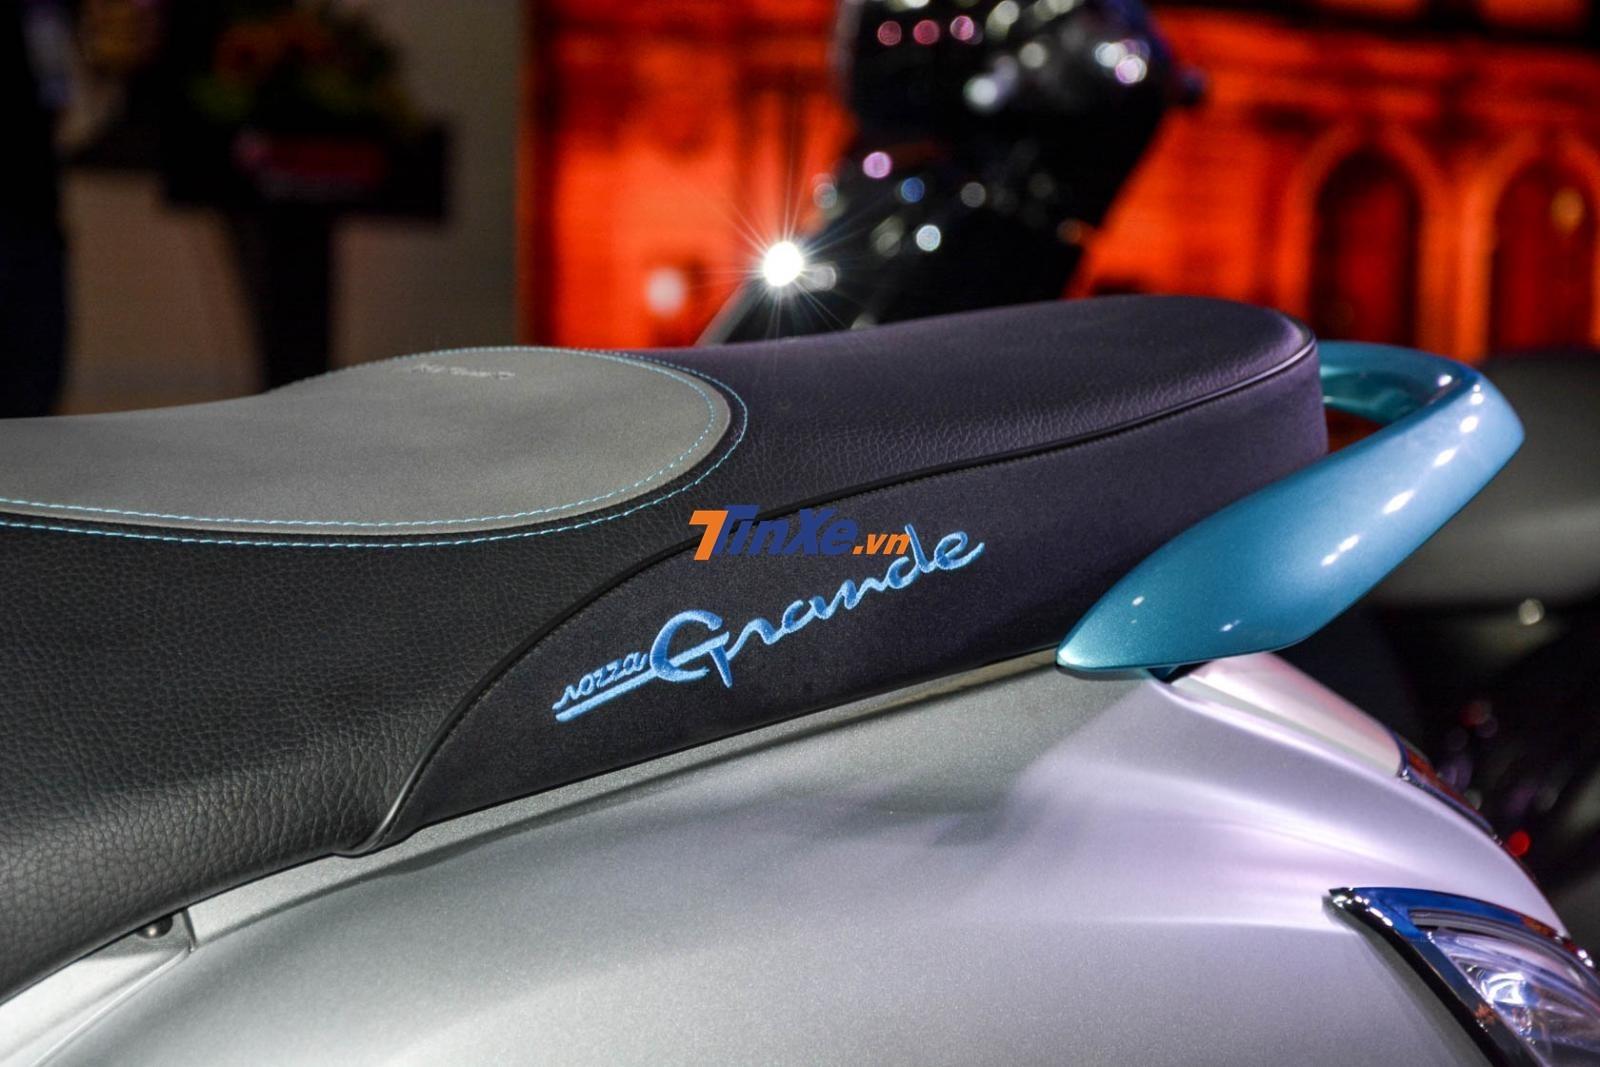 Bản kỷ niệm 20 năm trên Yamaha Grande Hybrid còn nhận được một thay đổi khác chính là tay nắm xe phía sau và dòng chữ Nozza Grande được hoàn thành với màu xanh ngọc